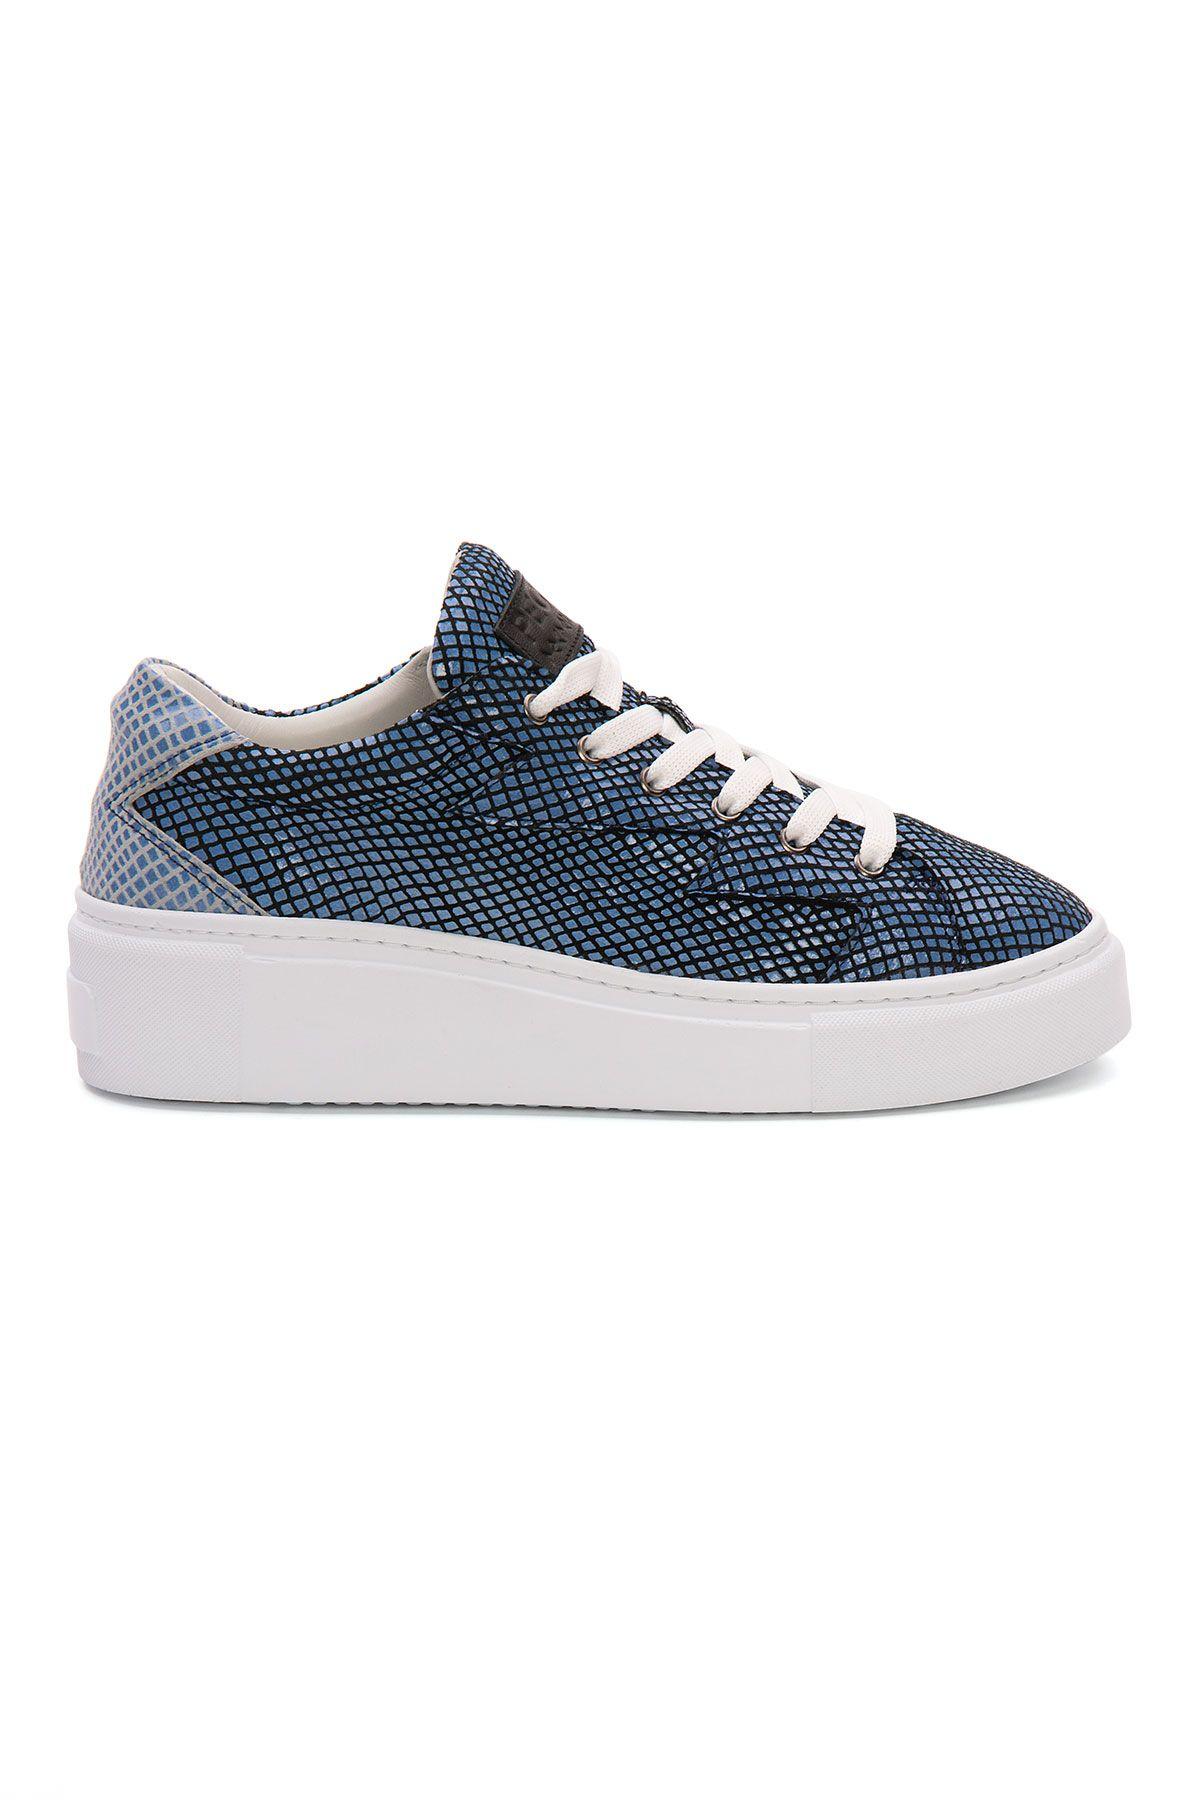 Pegia Genuine Leather Women's Sneaker LA1520 Blue